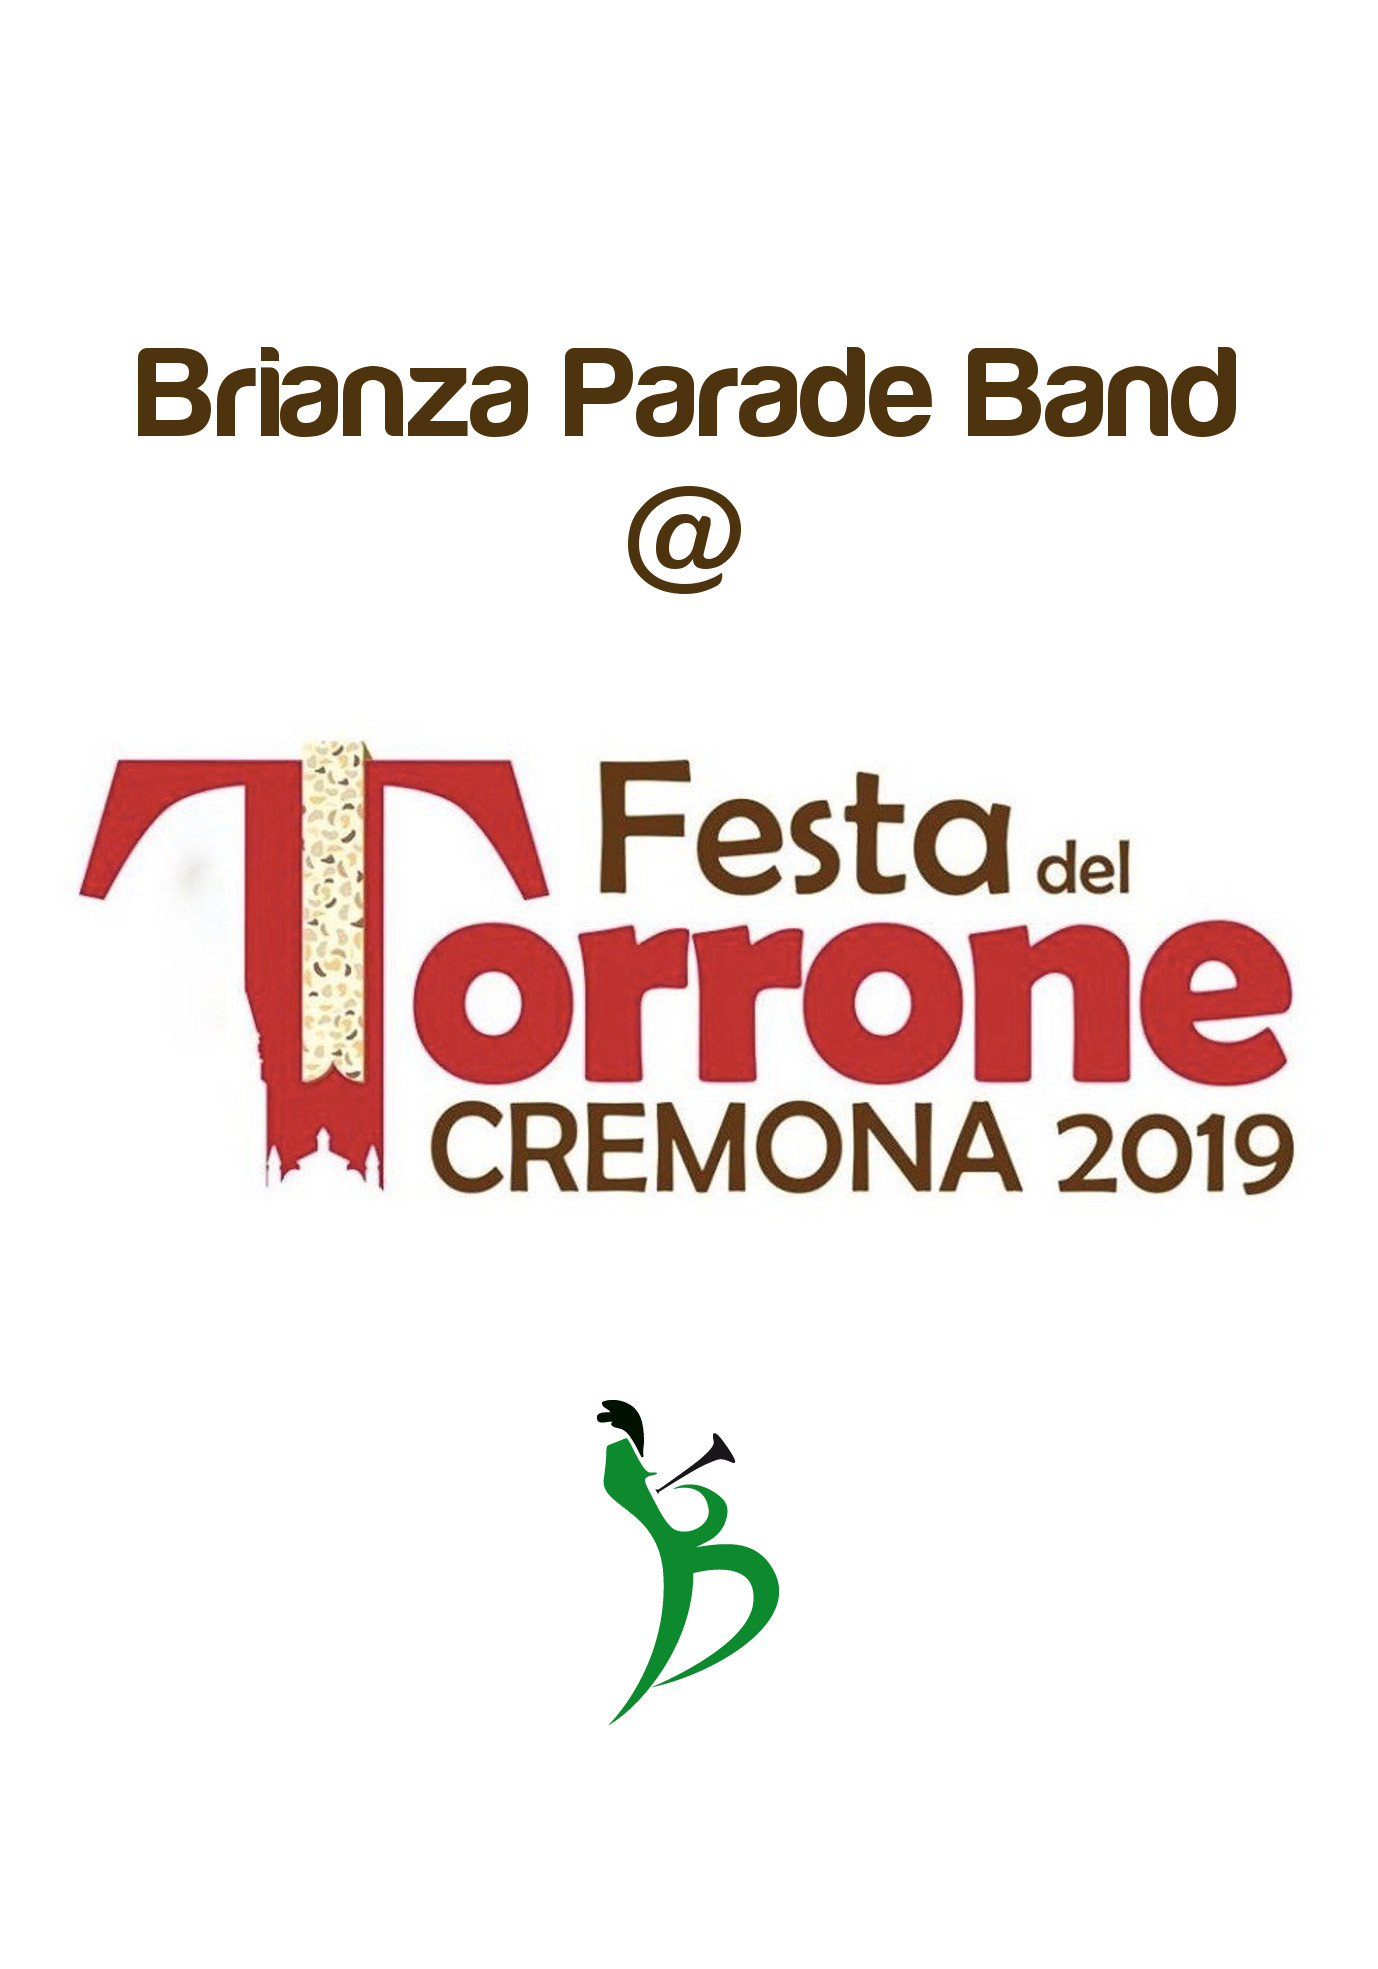 festa del torrone cremona 2019